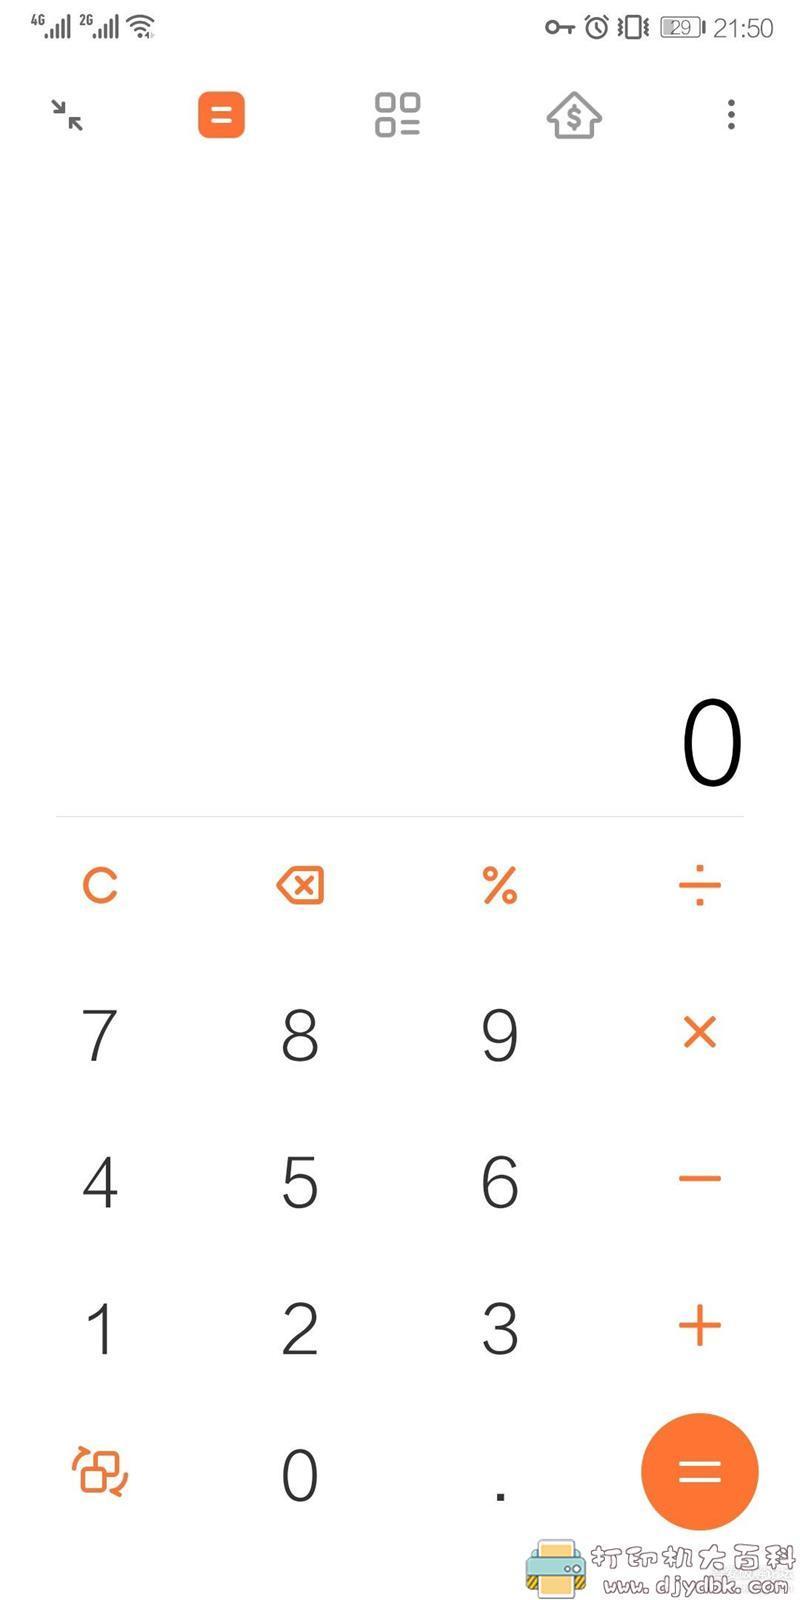 [Android]小米计算器 谷歌商店最新版 最好看最实用的小玩意 配图 No.1